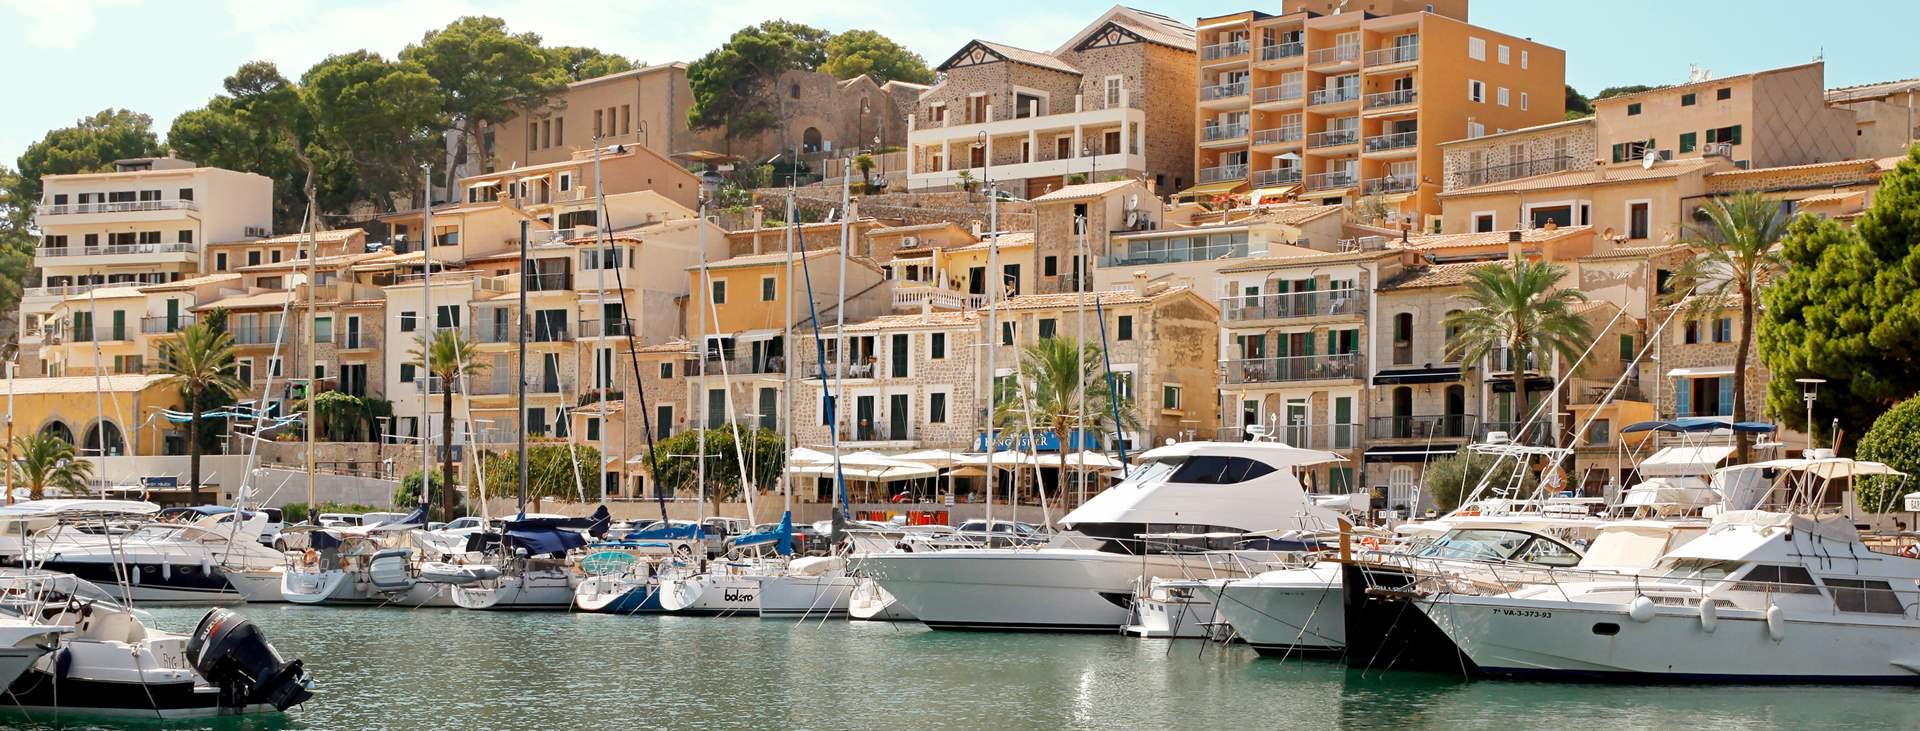 Varaa Tjäreborgin matka Puerto de Sólleriin, Mallorcalle